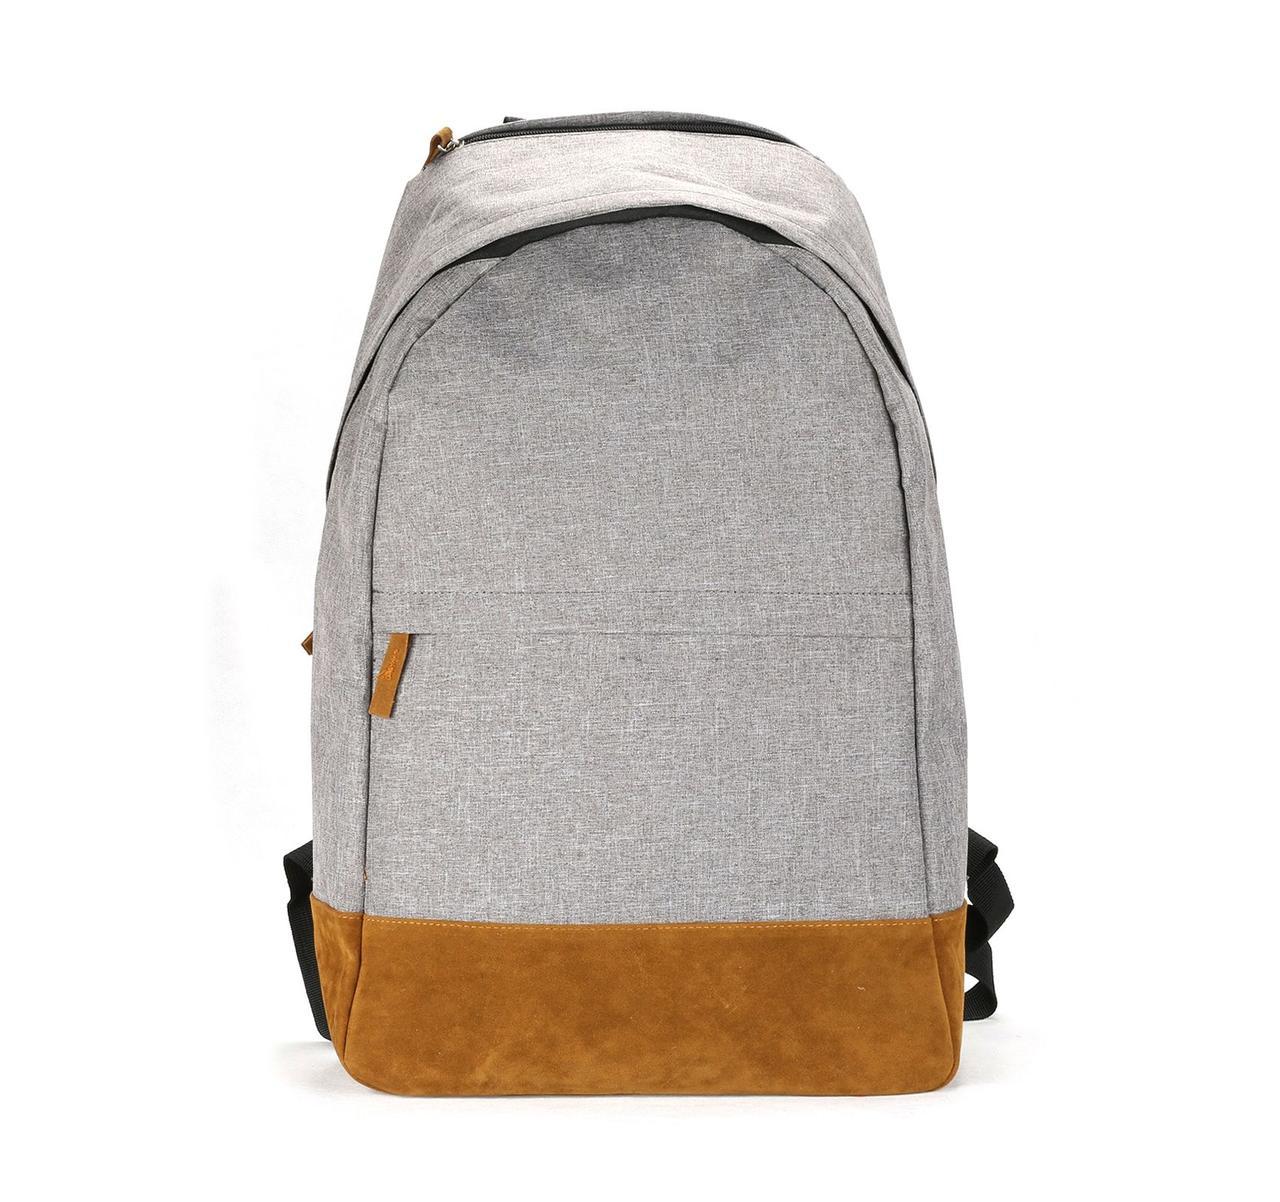 Рюкзак для путешествий CITY